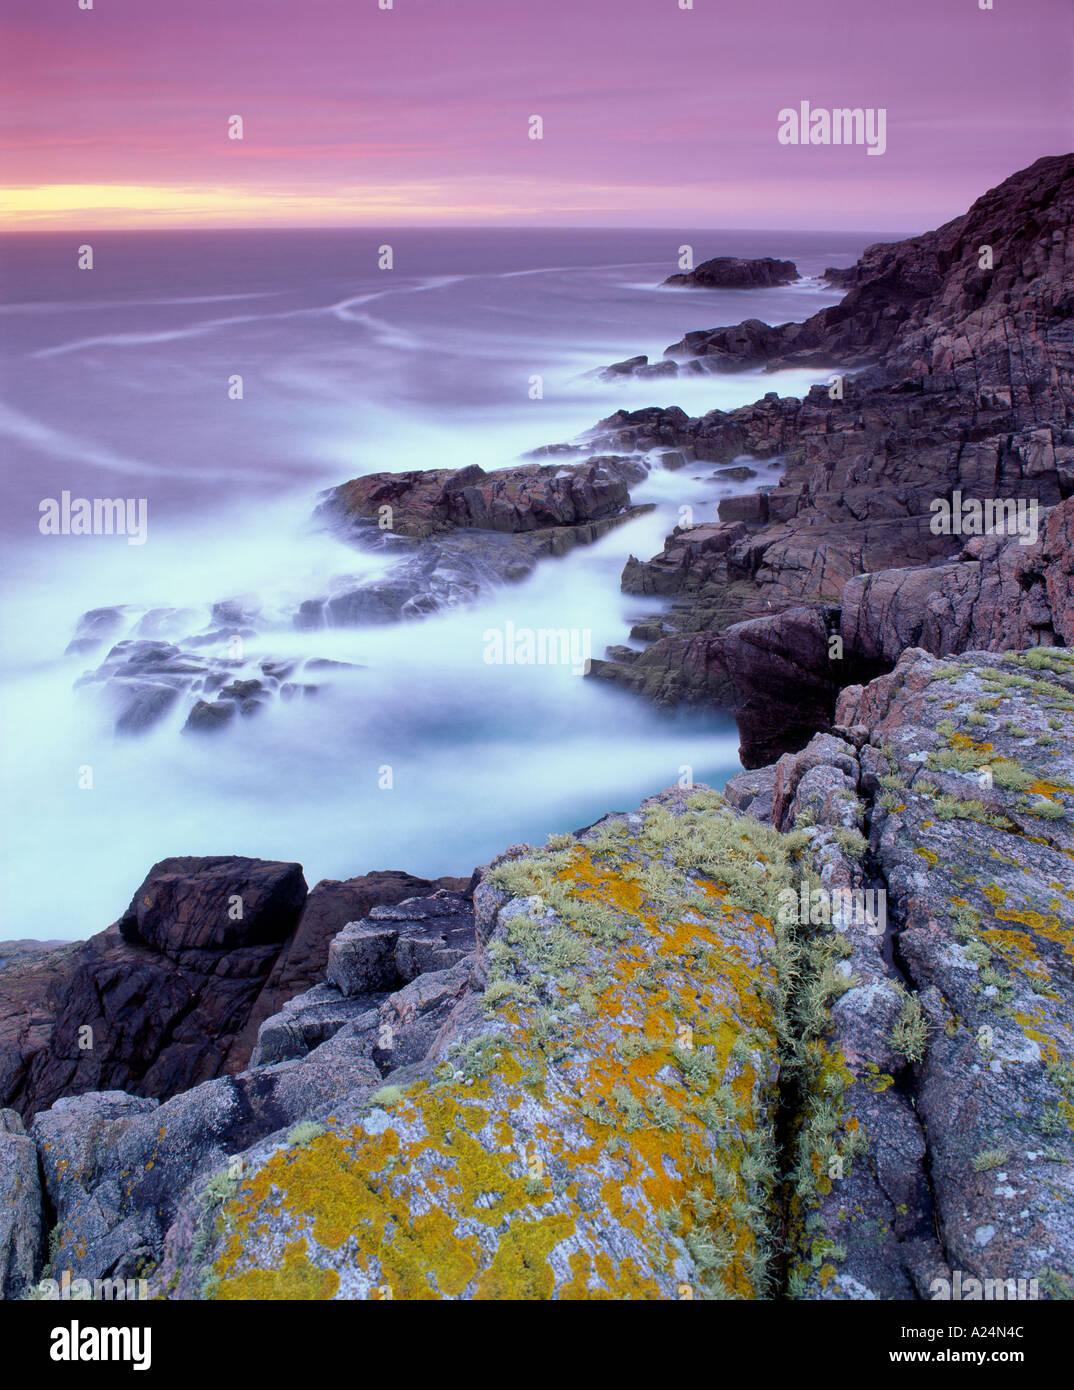 Die Küste in der Nähe von Sheigra, in der Nähe von Kinlochbervie, Sutherland, Highland, Schottland, UK Stockfoto